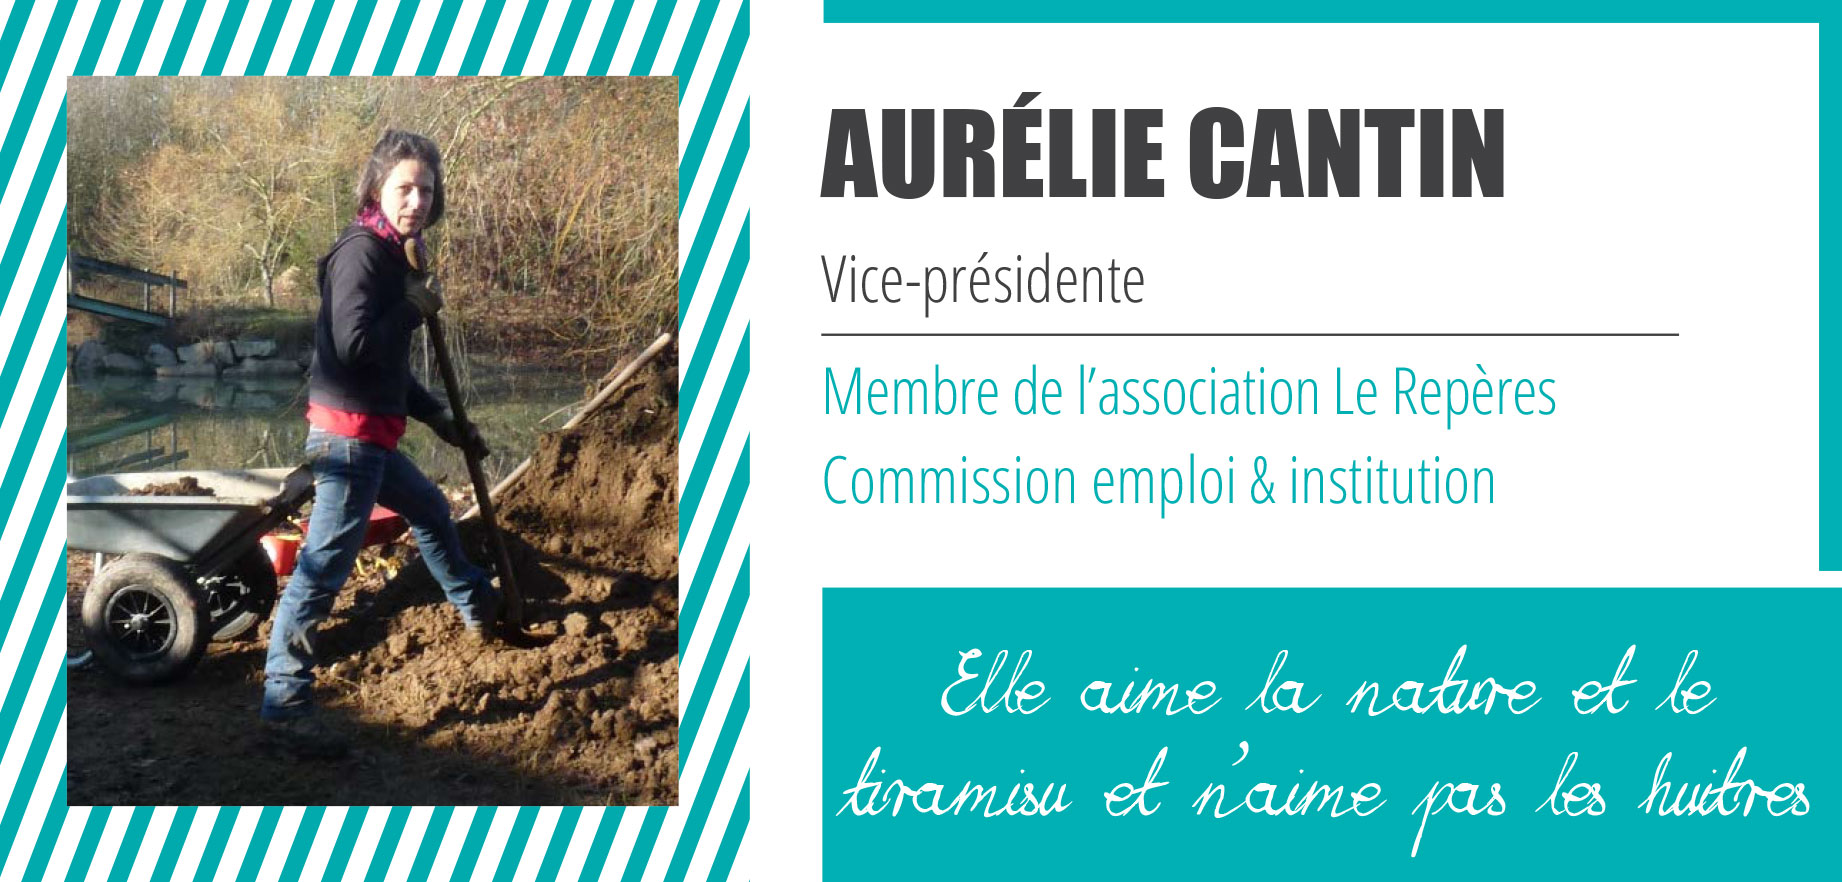 Organigramme_Aurélie